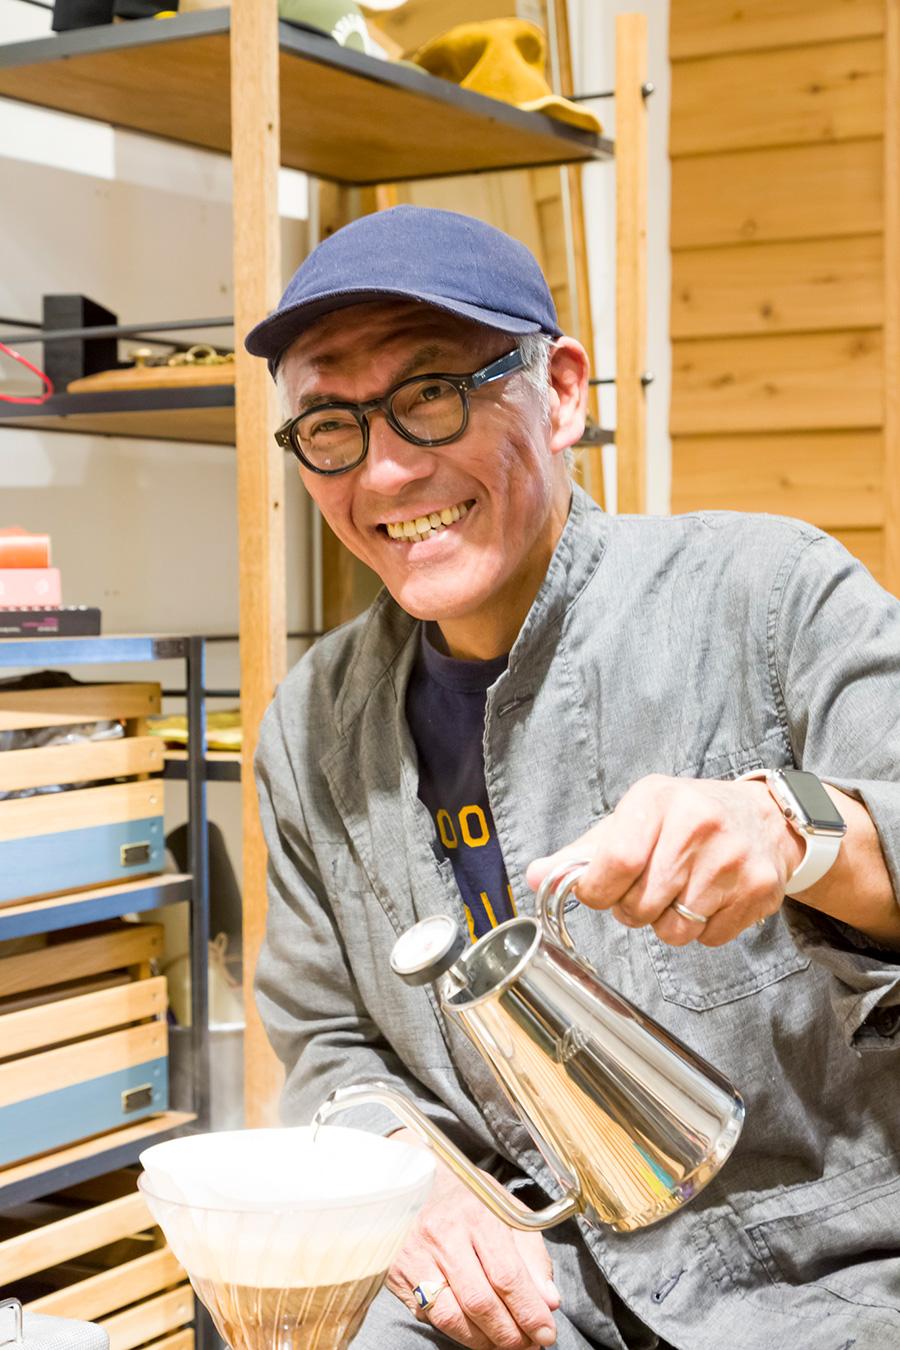 ヴィンテージのコールマンのバーナーでお湯を沸かし、コーヒーを淹れる『INOUT』クリエイティブディレクターの沼田裕進さん。